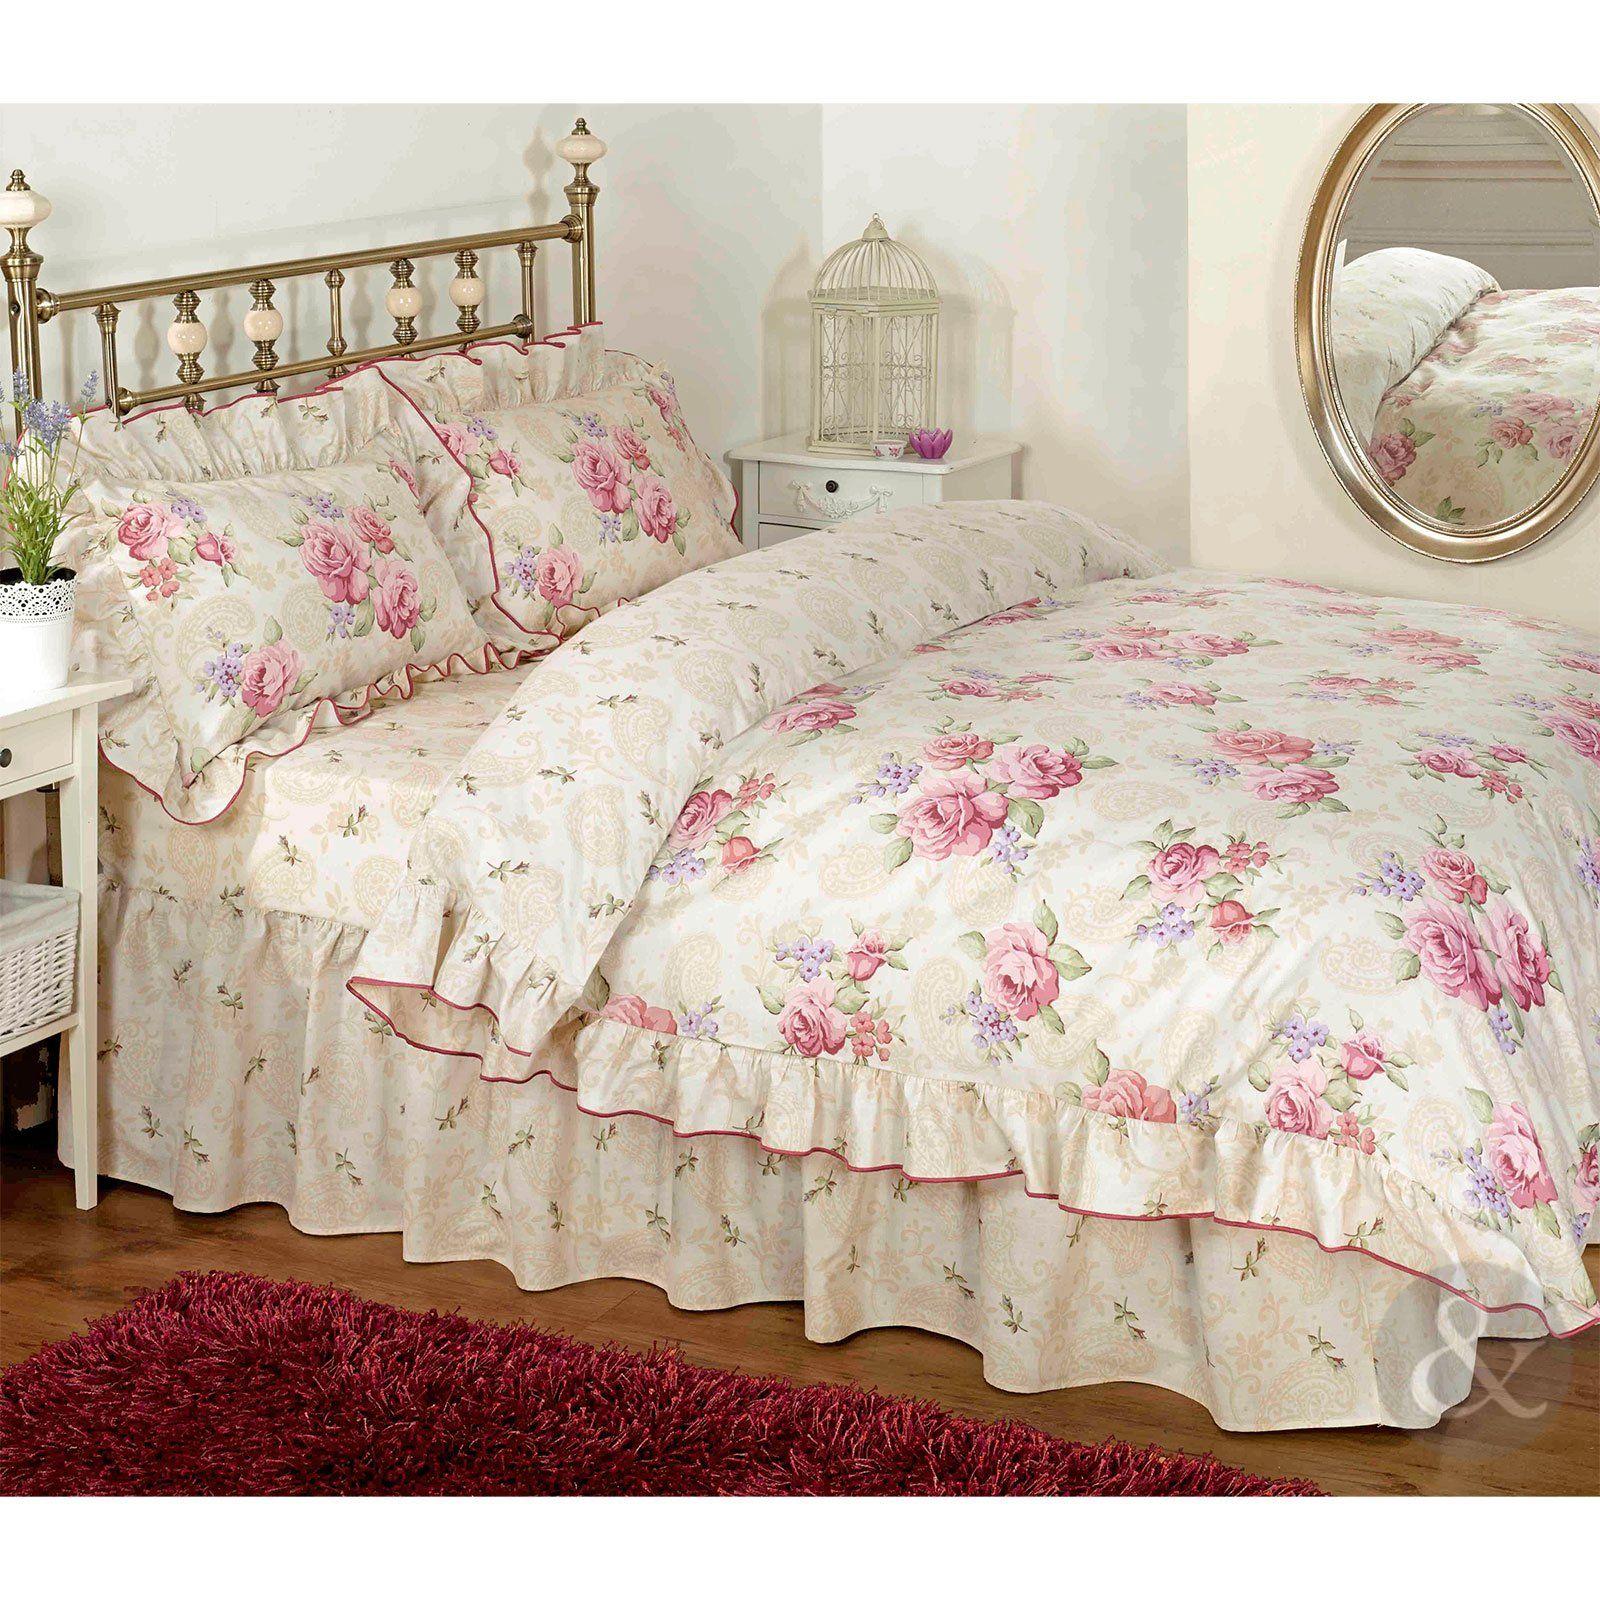 vintage floral rüschen bettwäsche creme beige rosa bettwäsche set ... - Schlafzimmer Creme Beige